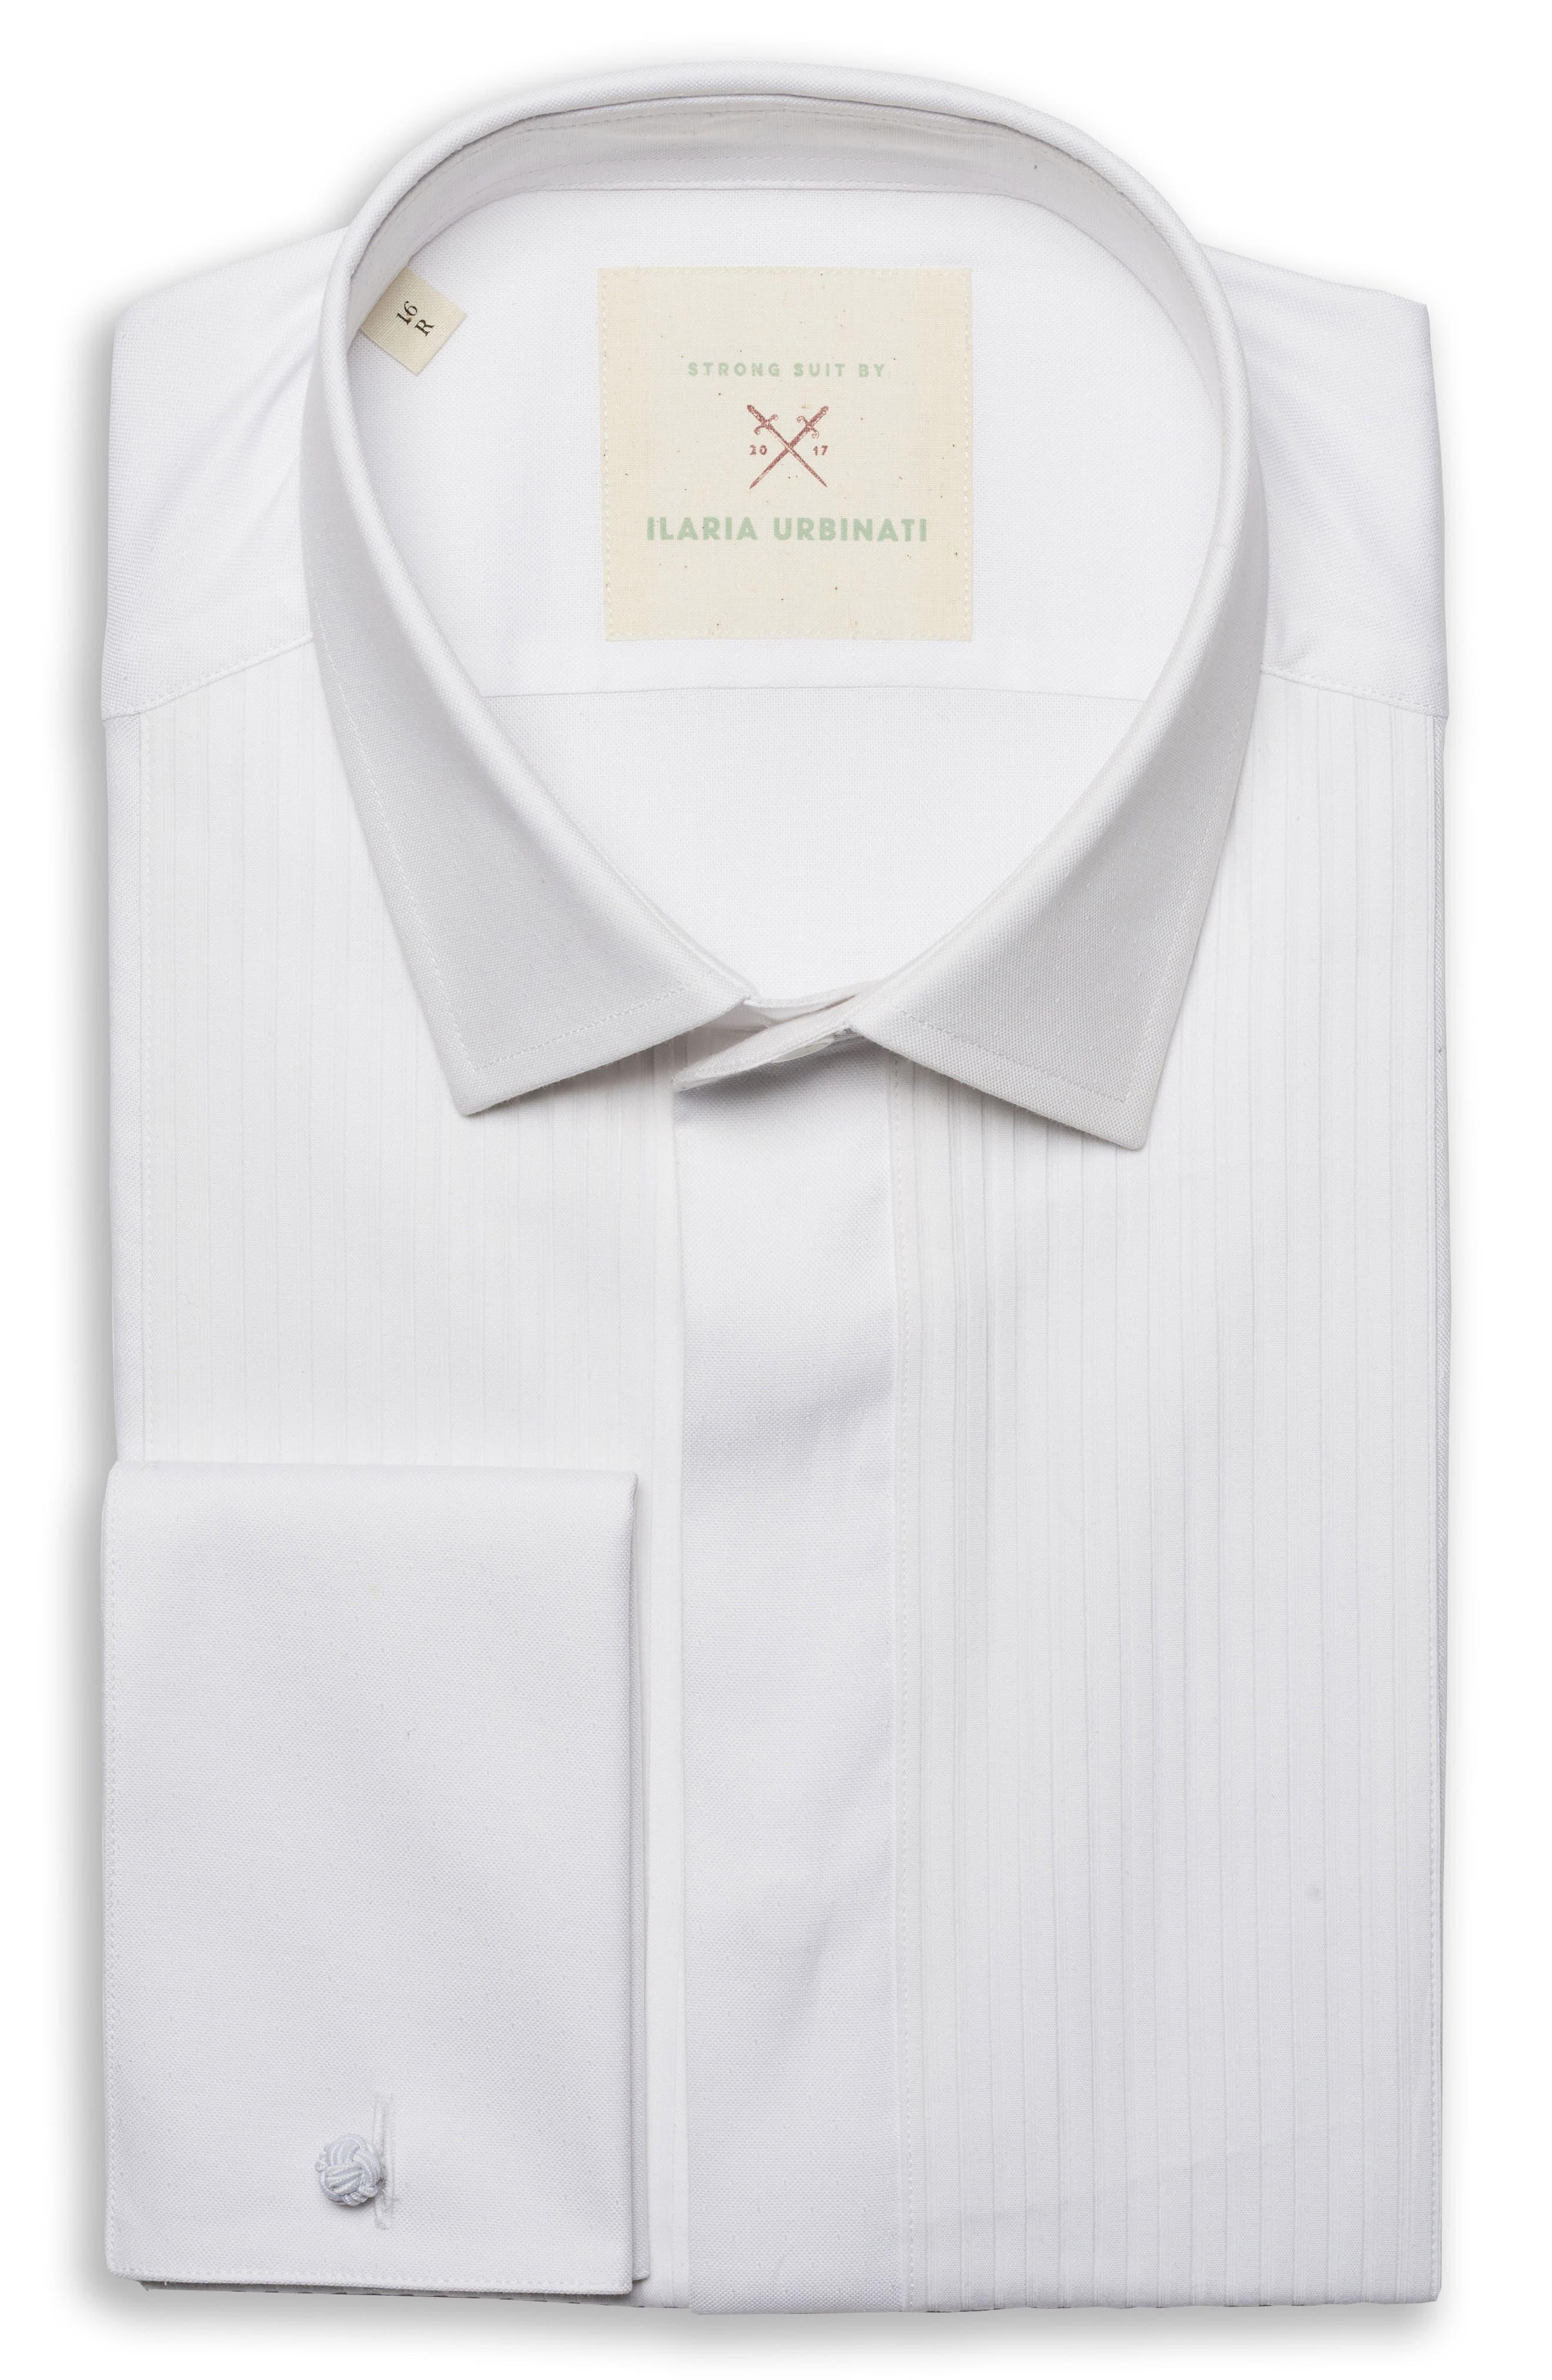 by Ilaria Urbinati Slim Fit Tuxedo Shirt,                         Main,                         color, White